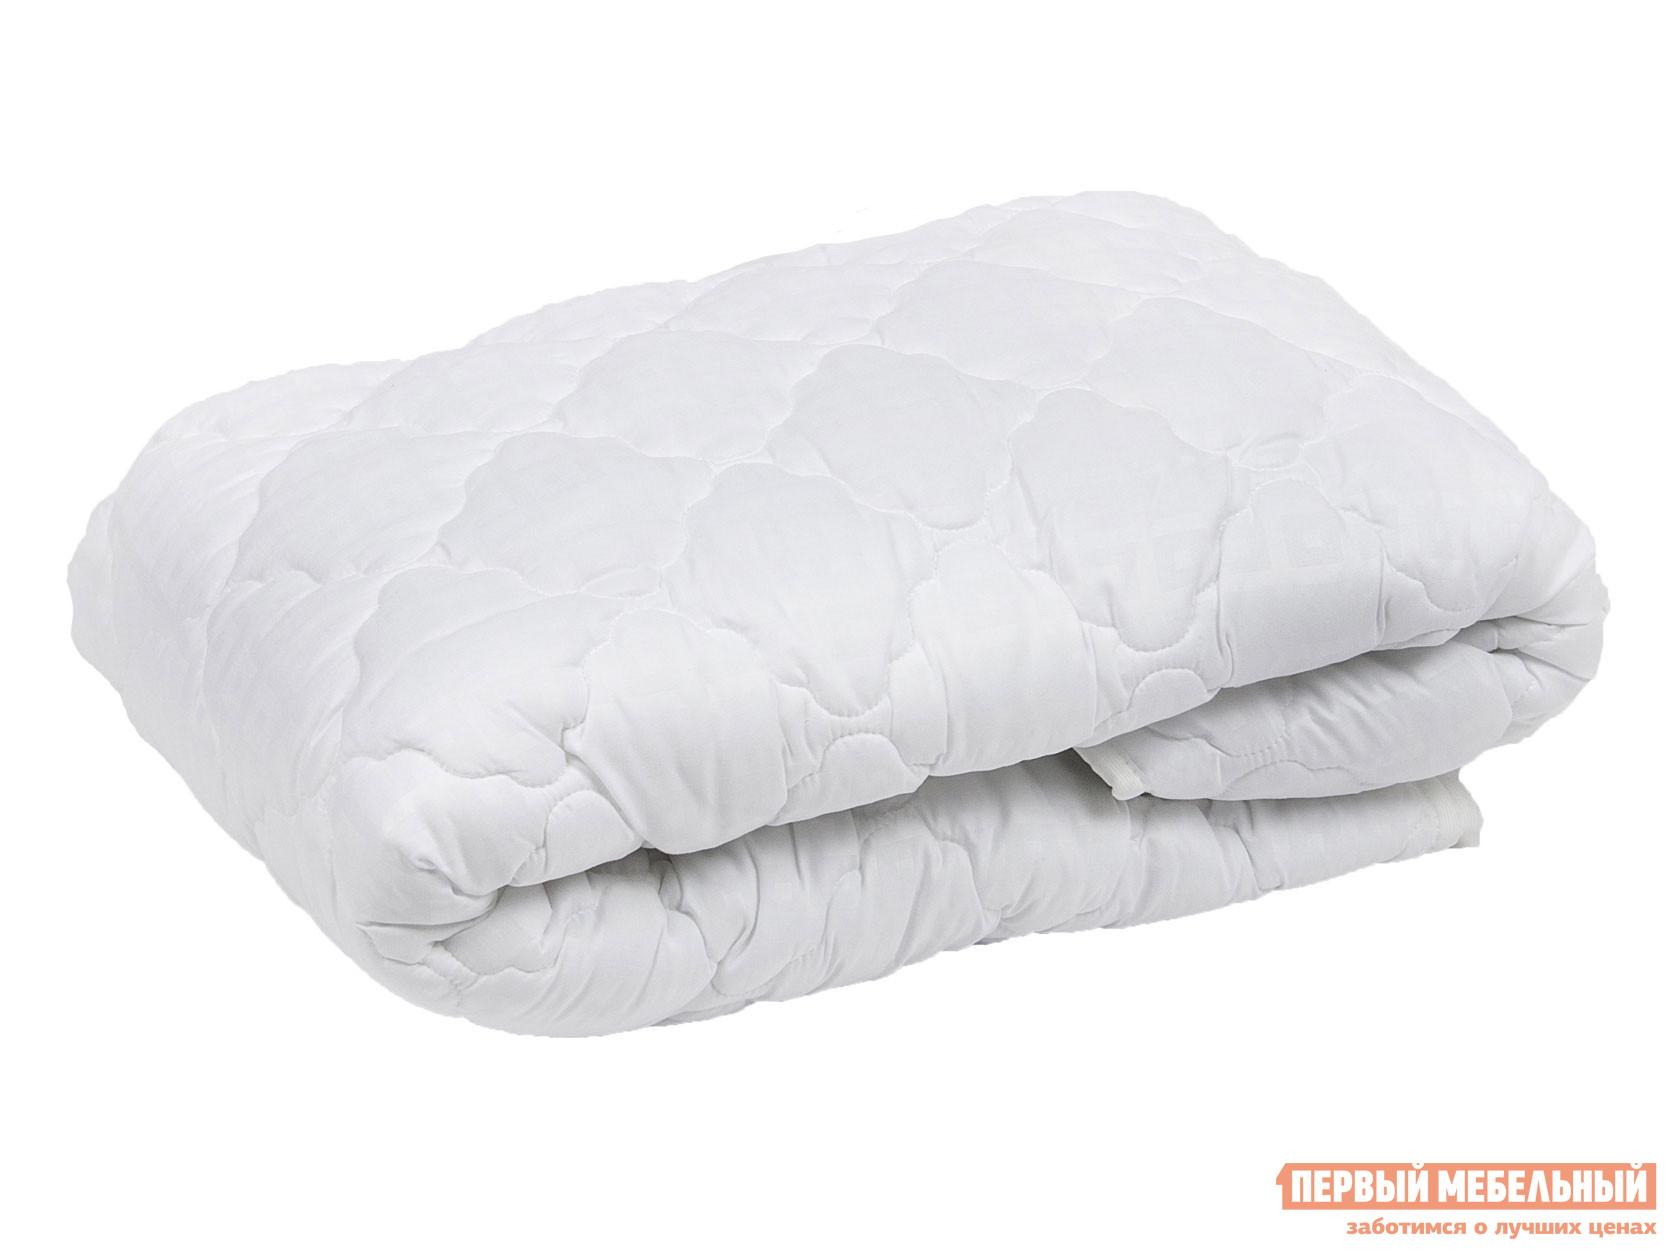 Детское одеяло Первый Мебельный Одеяло микрофибра/лебяжий пух, 150г/м2 легкое, 110х140